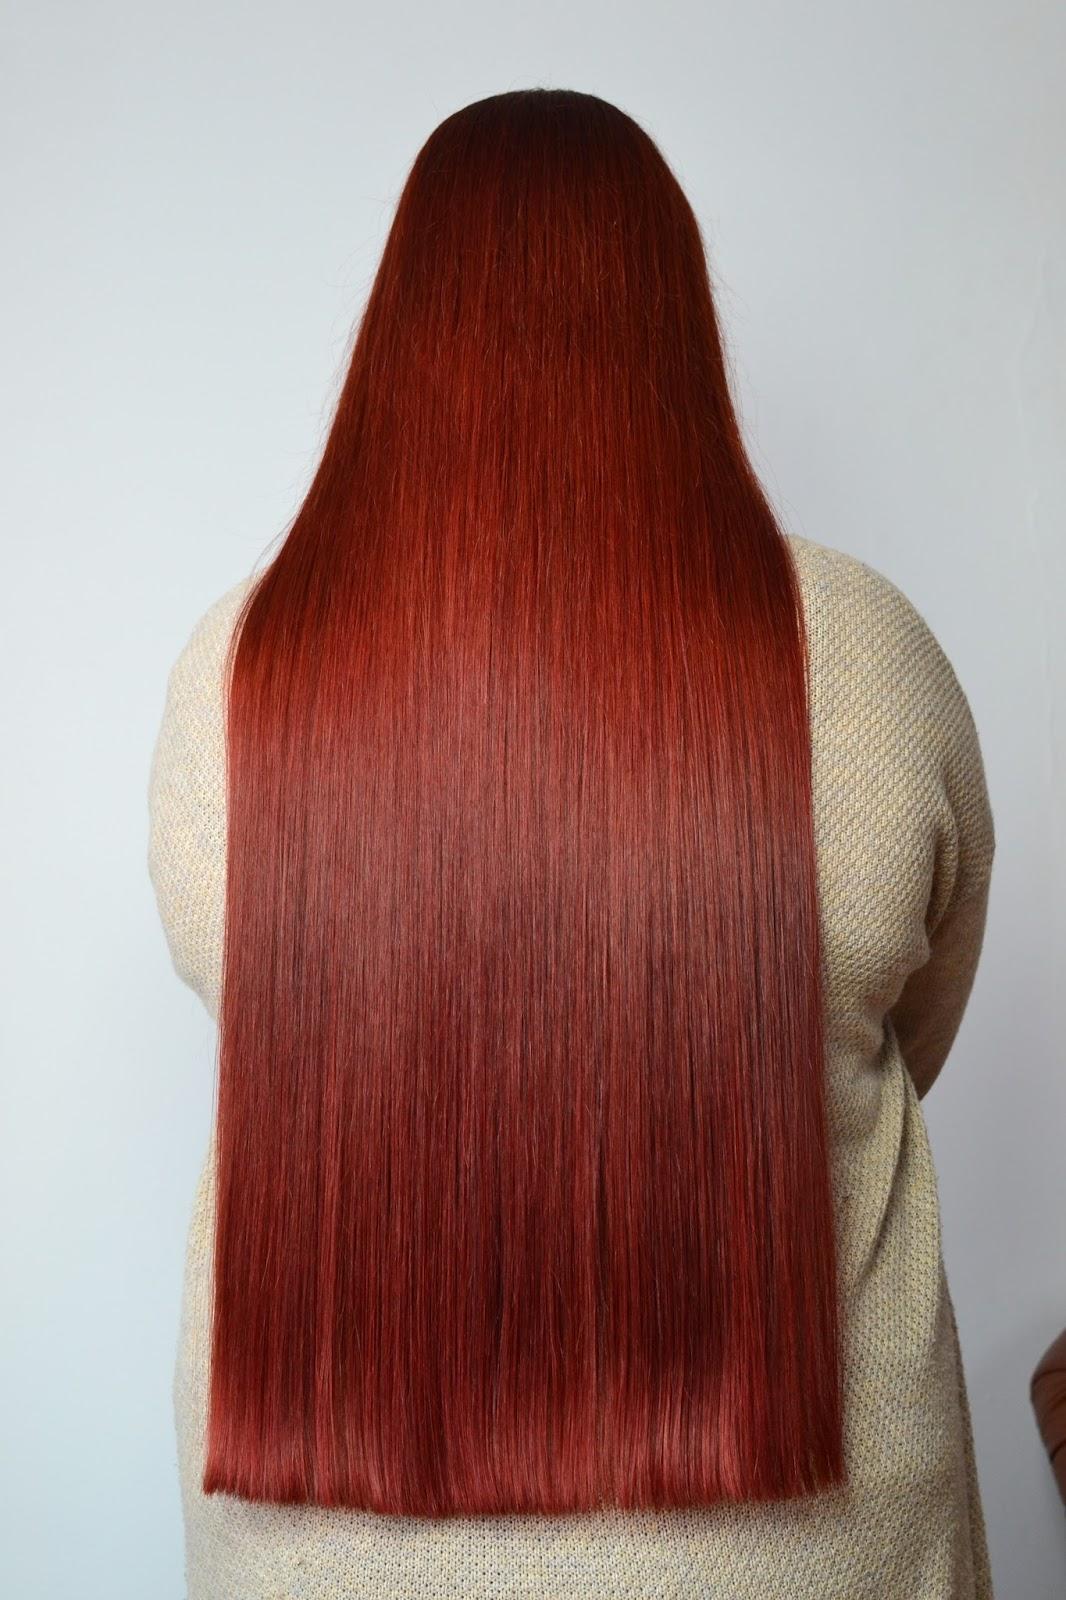 Aktualizacja włosowa Luty-marzec - koniec czerwonych włosów? Jak wygląda moja walka z kapryśnymi włosami